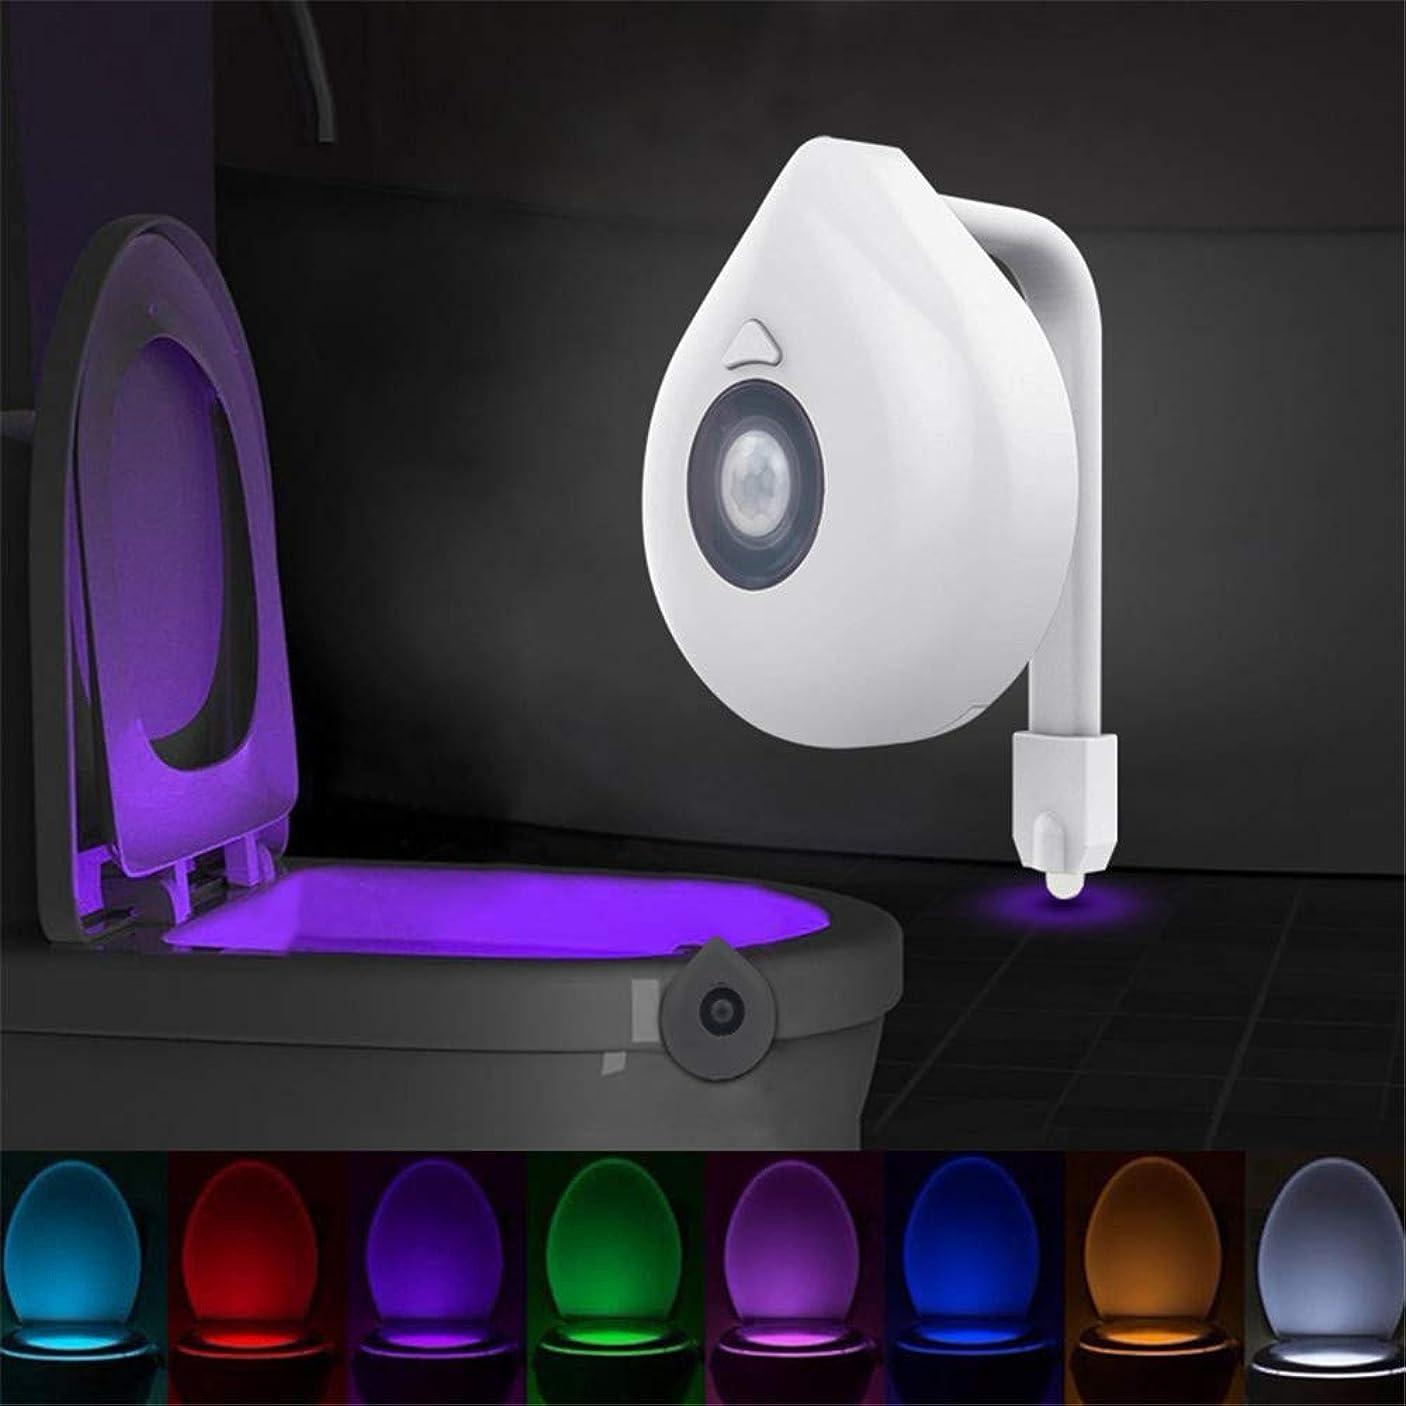 ウェイター仮説苛性LEDトイレシートナイトライトモーションセンサートイレライトリアル8色交換可能なランプaaa電池式トイレライトバックライト